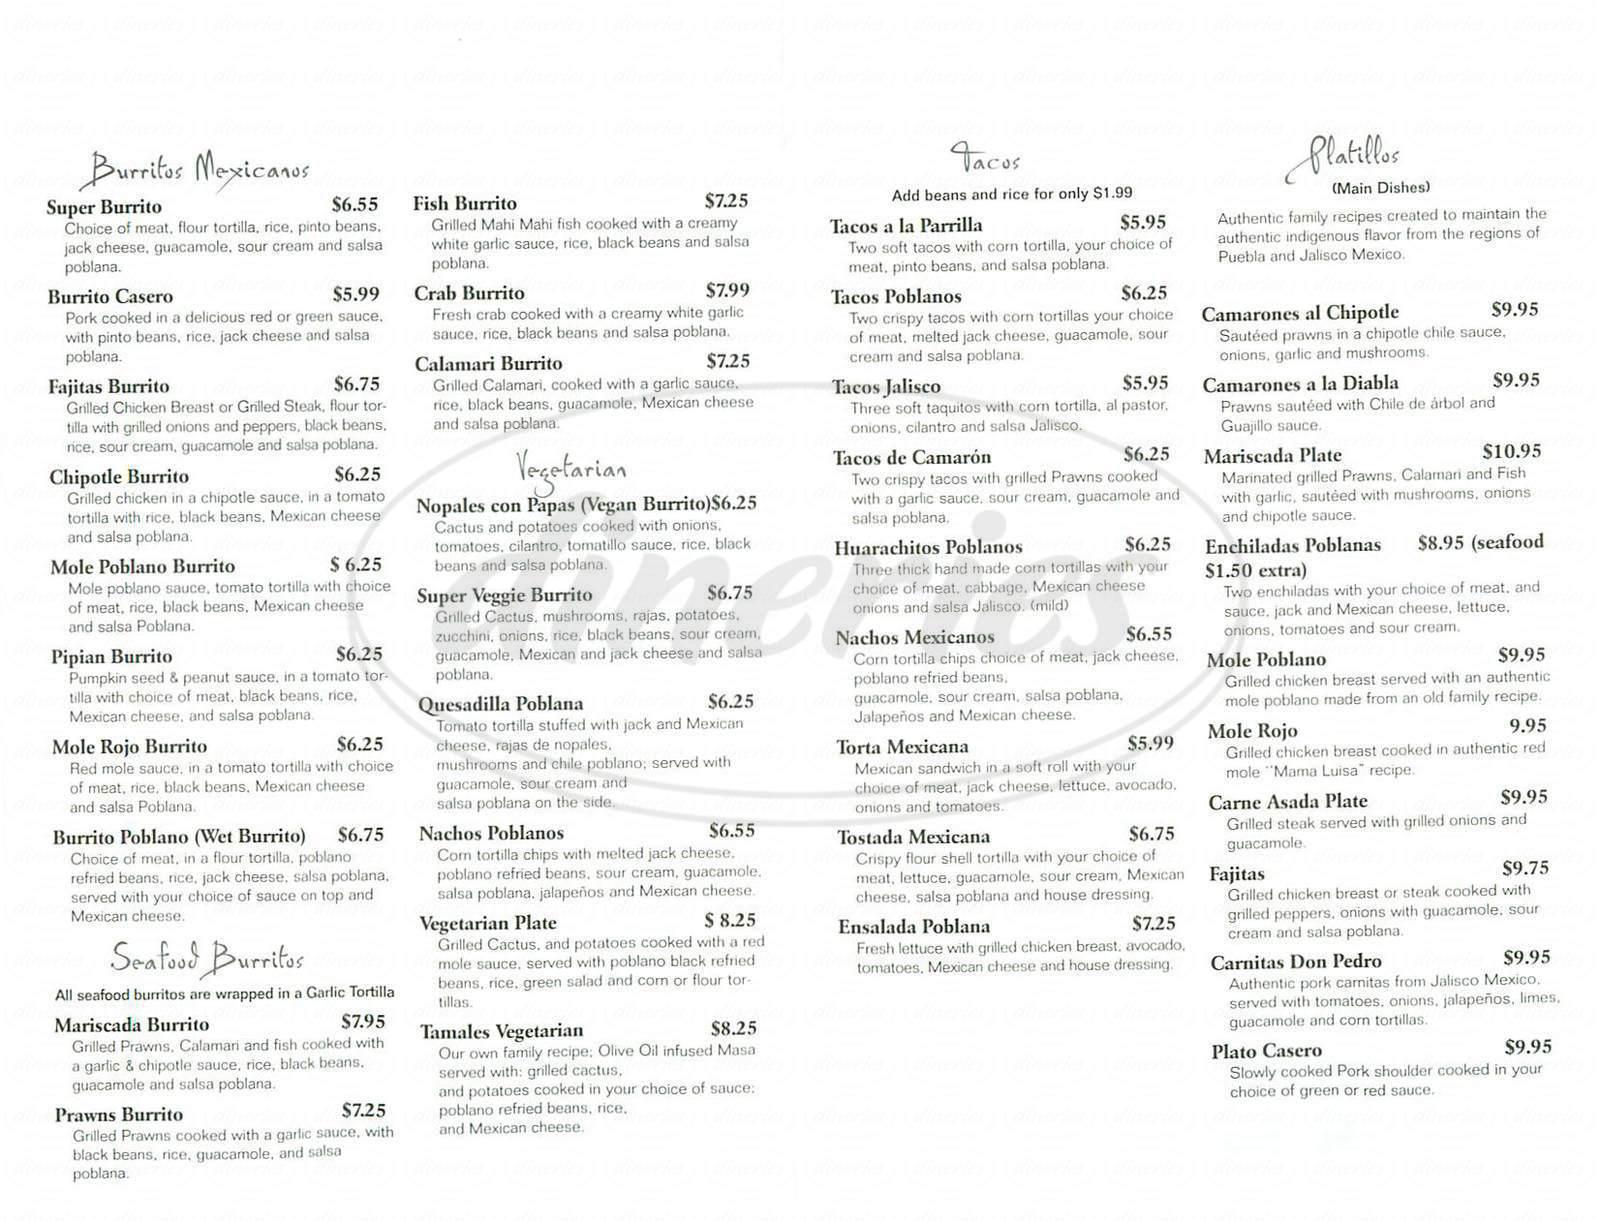 menu for Cocina Poblana